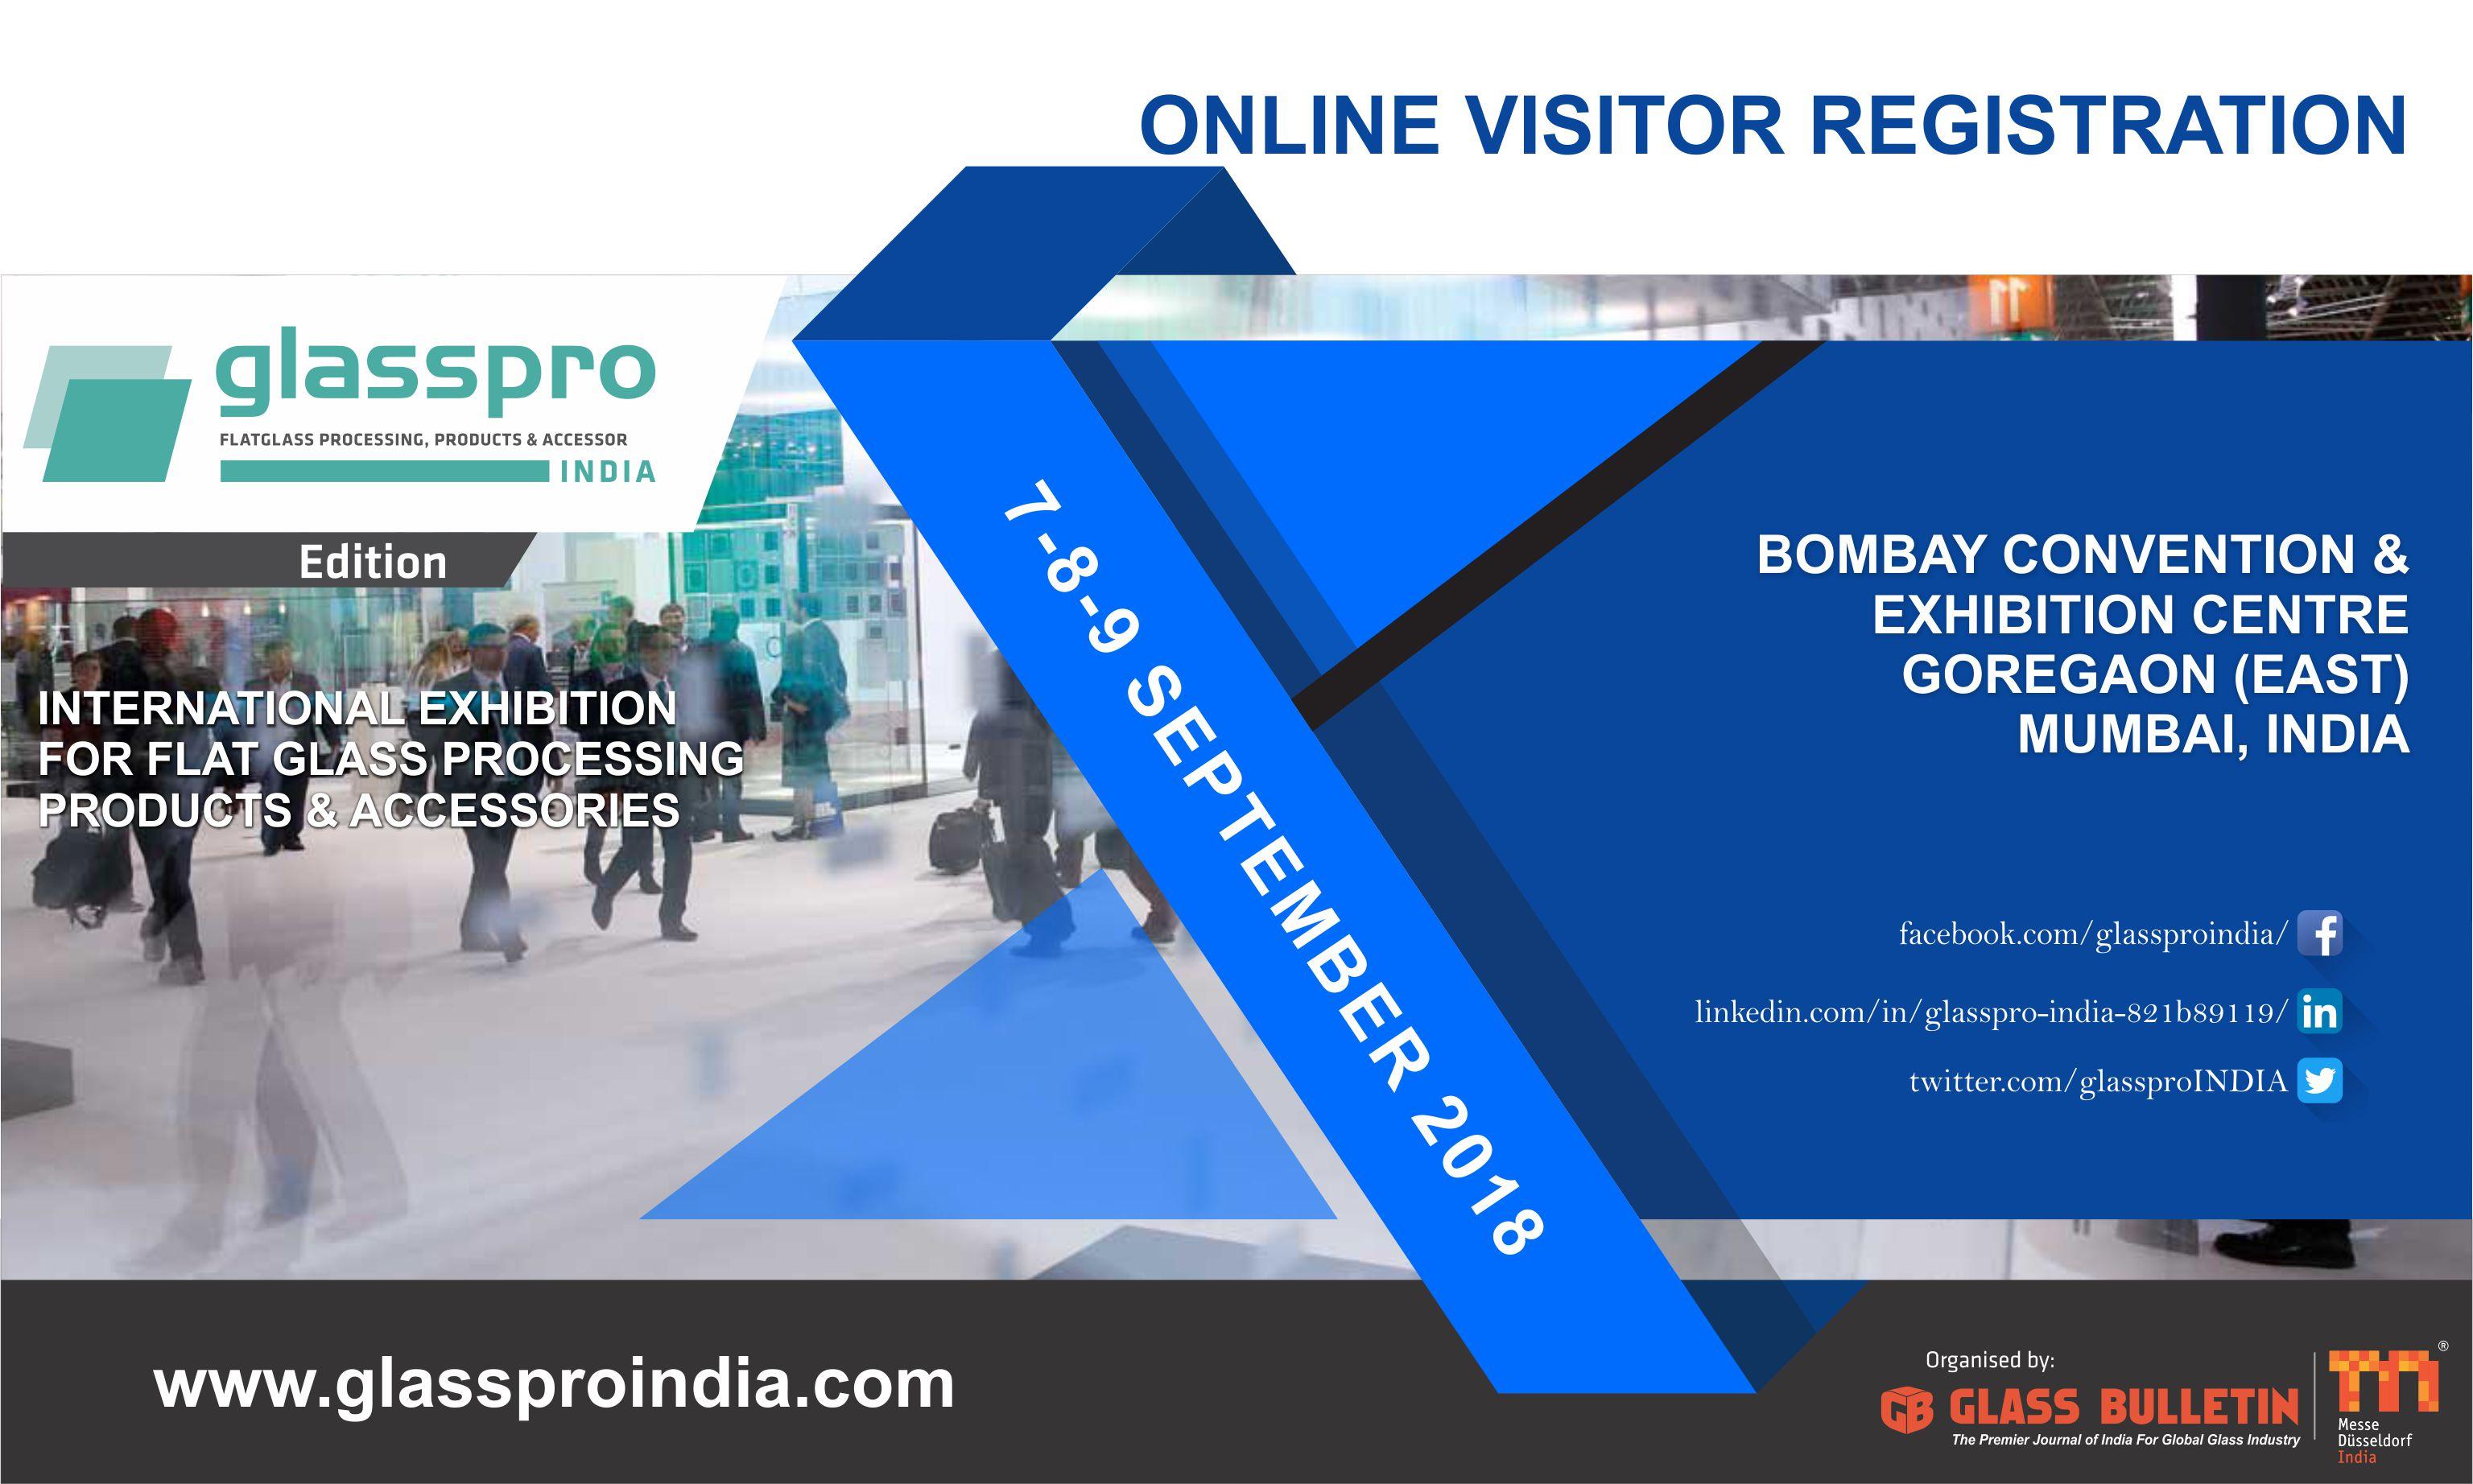 glasspro registration